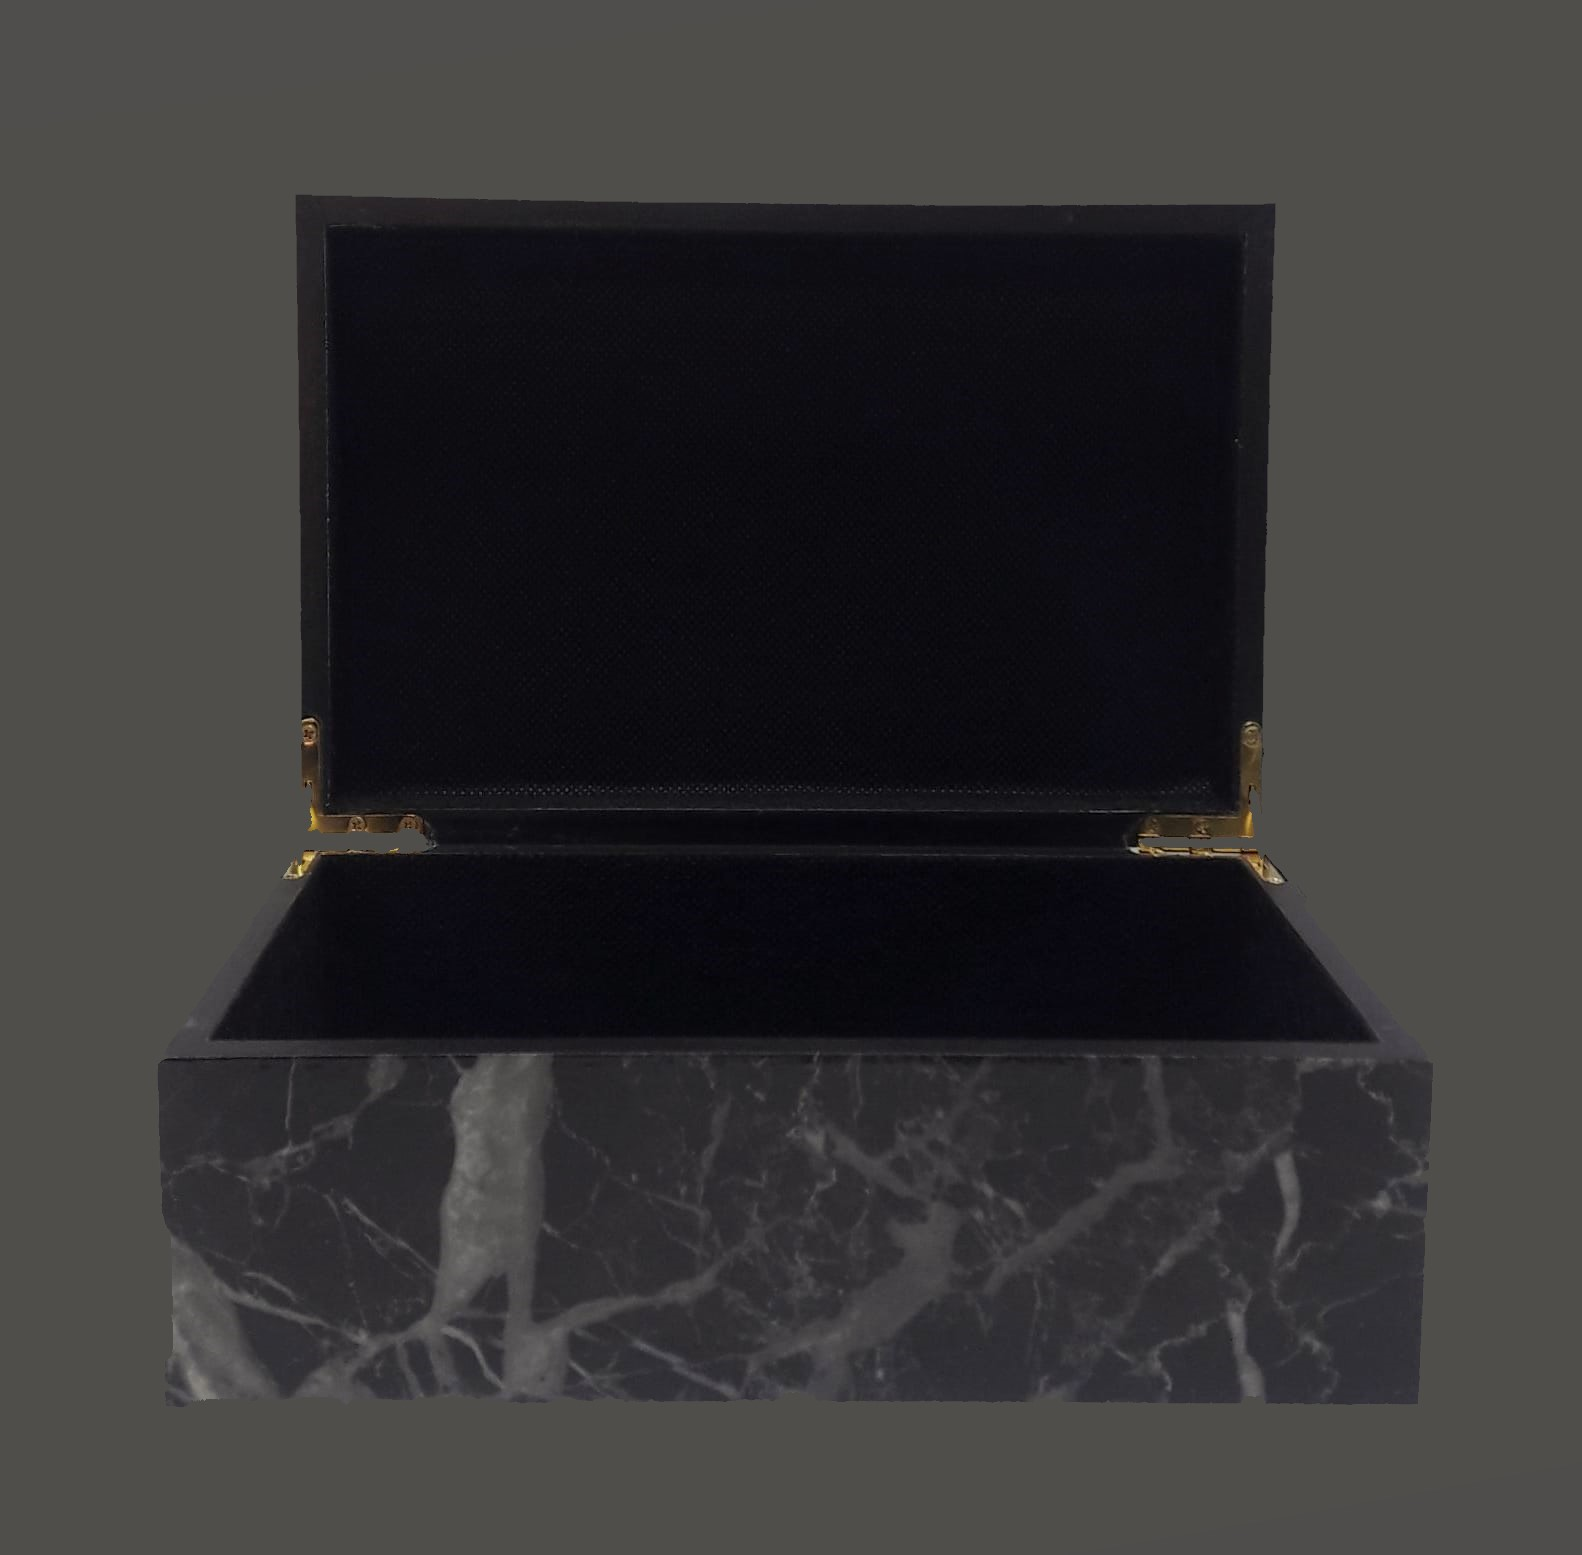 صندوق من الرخام الأسود مع غطاء أواني و مزهريات